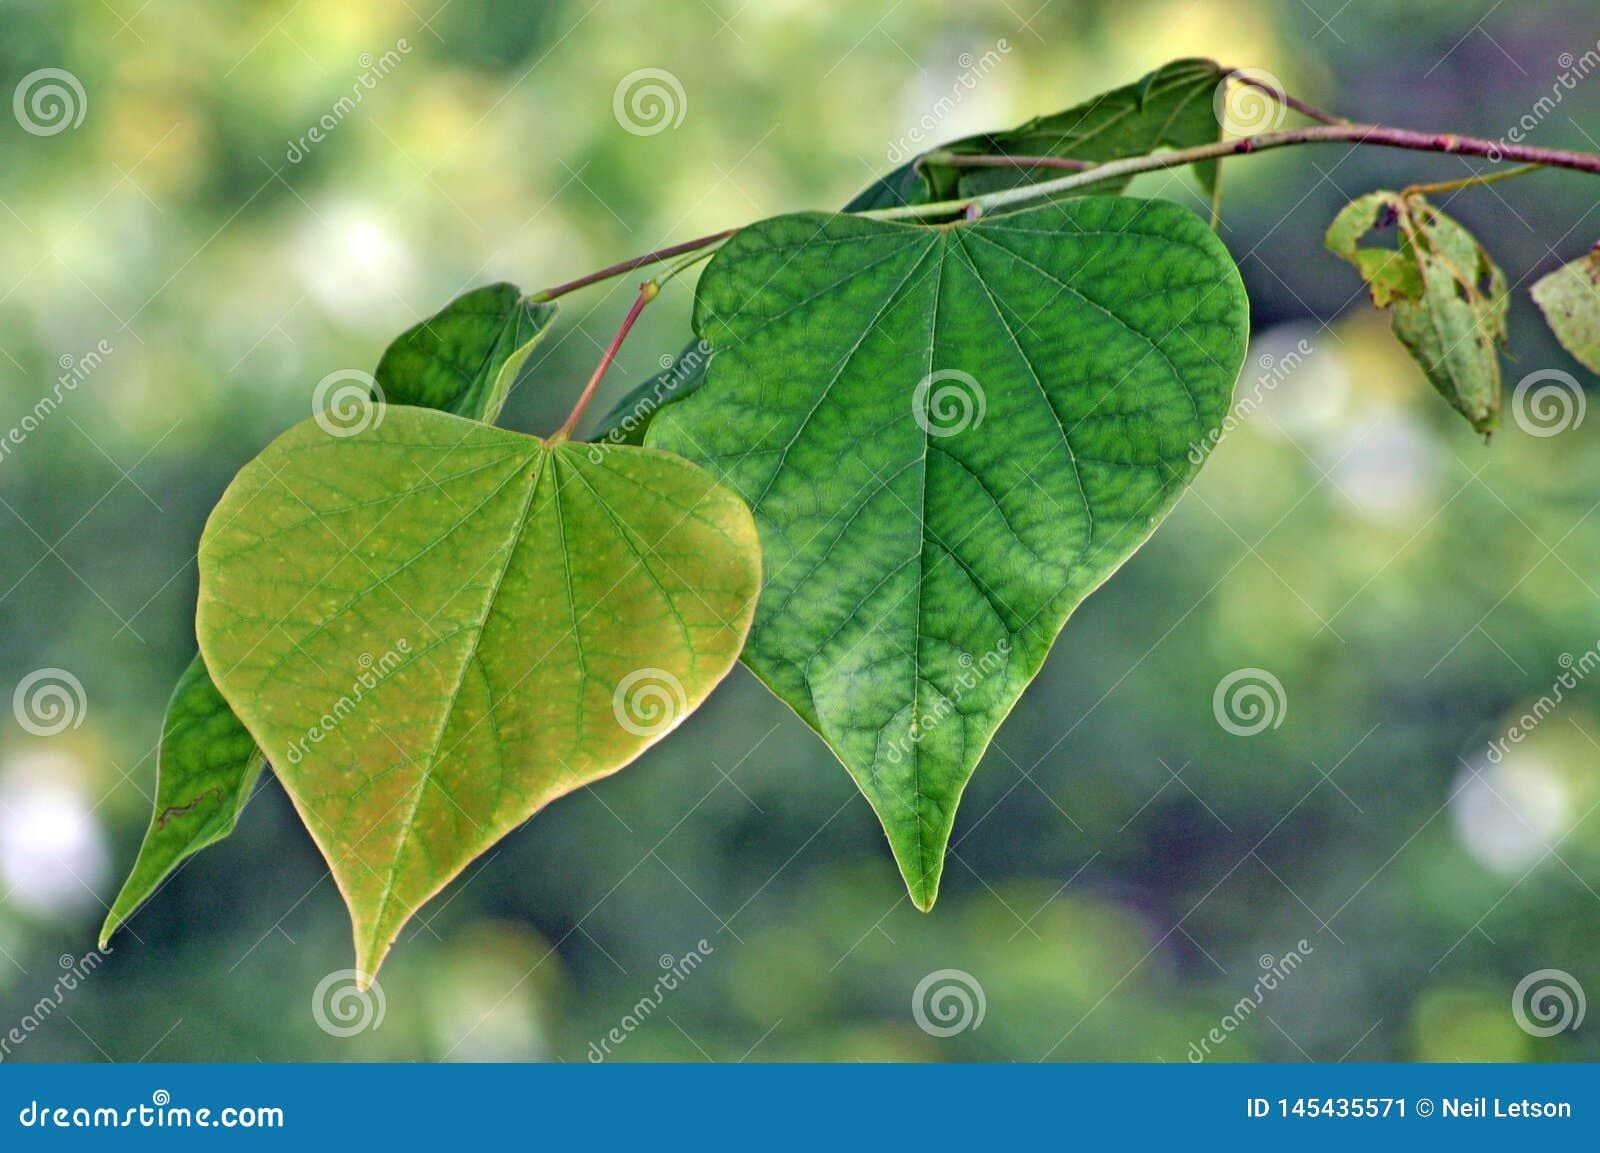 Tree Identification Eastern Redbud Tree Leaf Stock Image Image